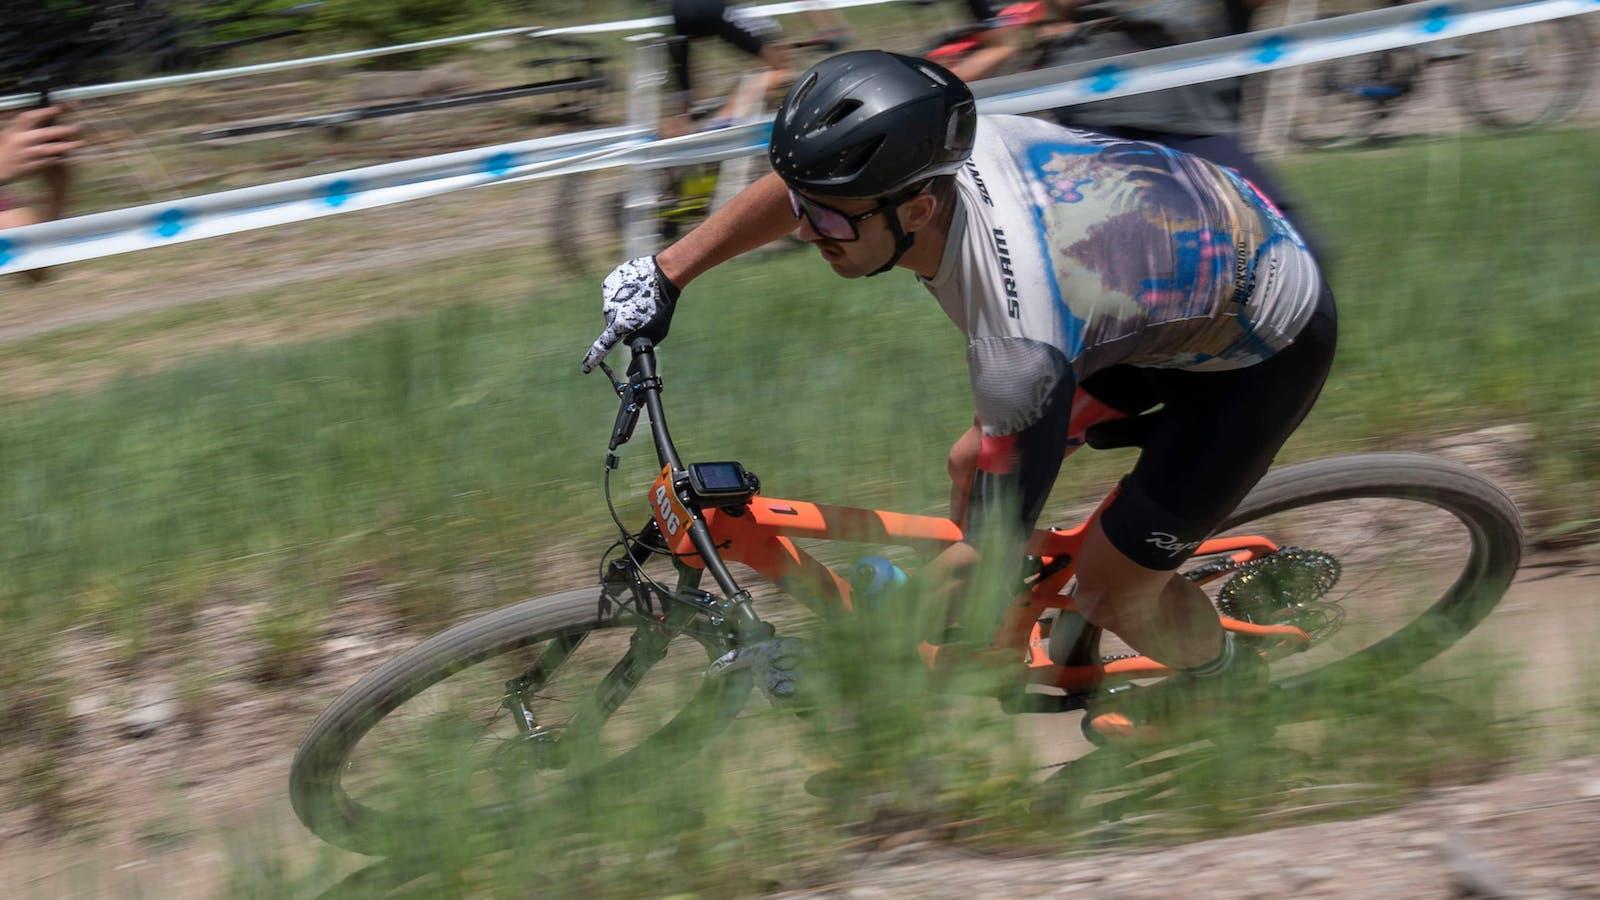 Tobin O. racing XC in Montana